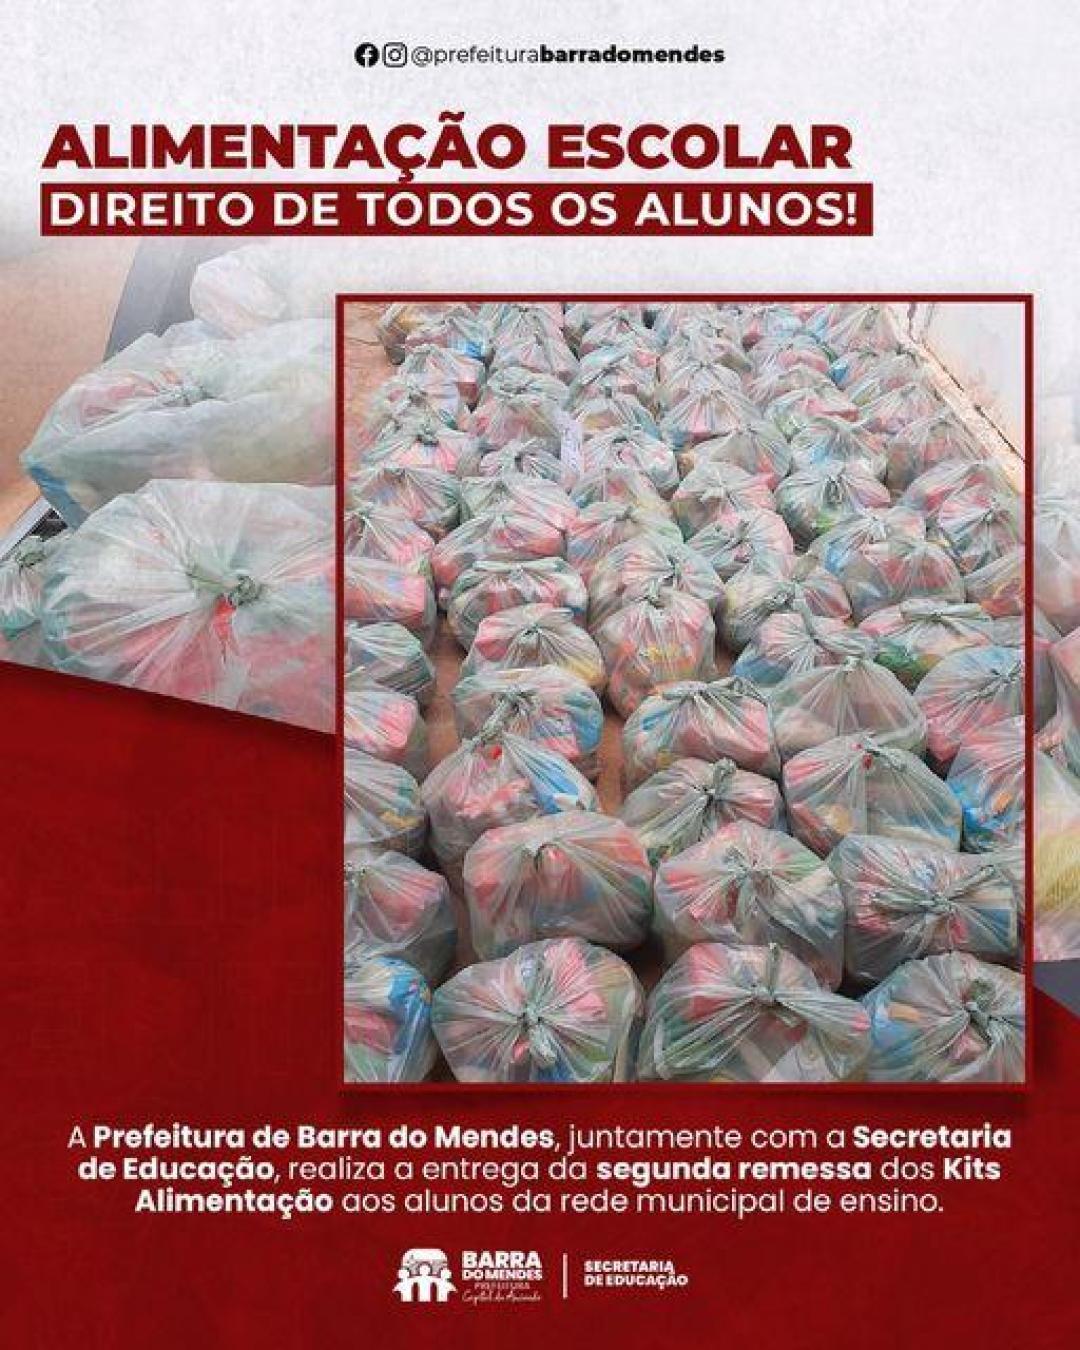 PREFEITURA DE BARRA DO MENDES DISTRIBUI SEGUNDA REMESSA DE MERENDA ESCOLAR